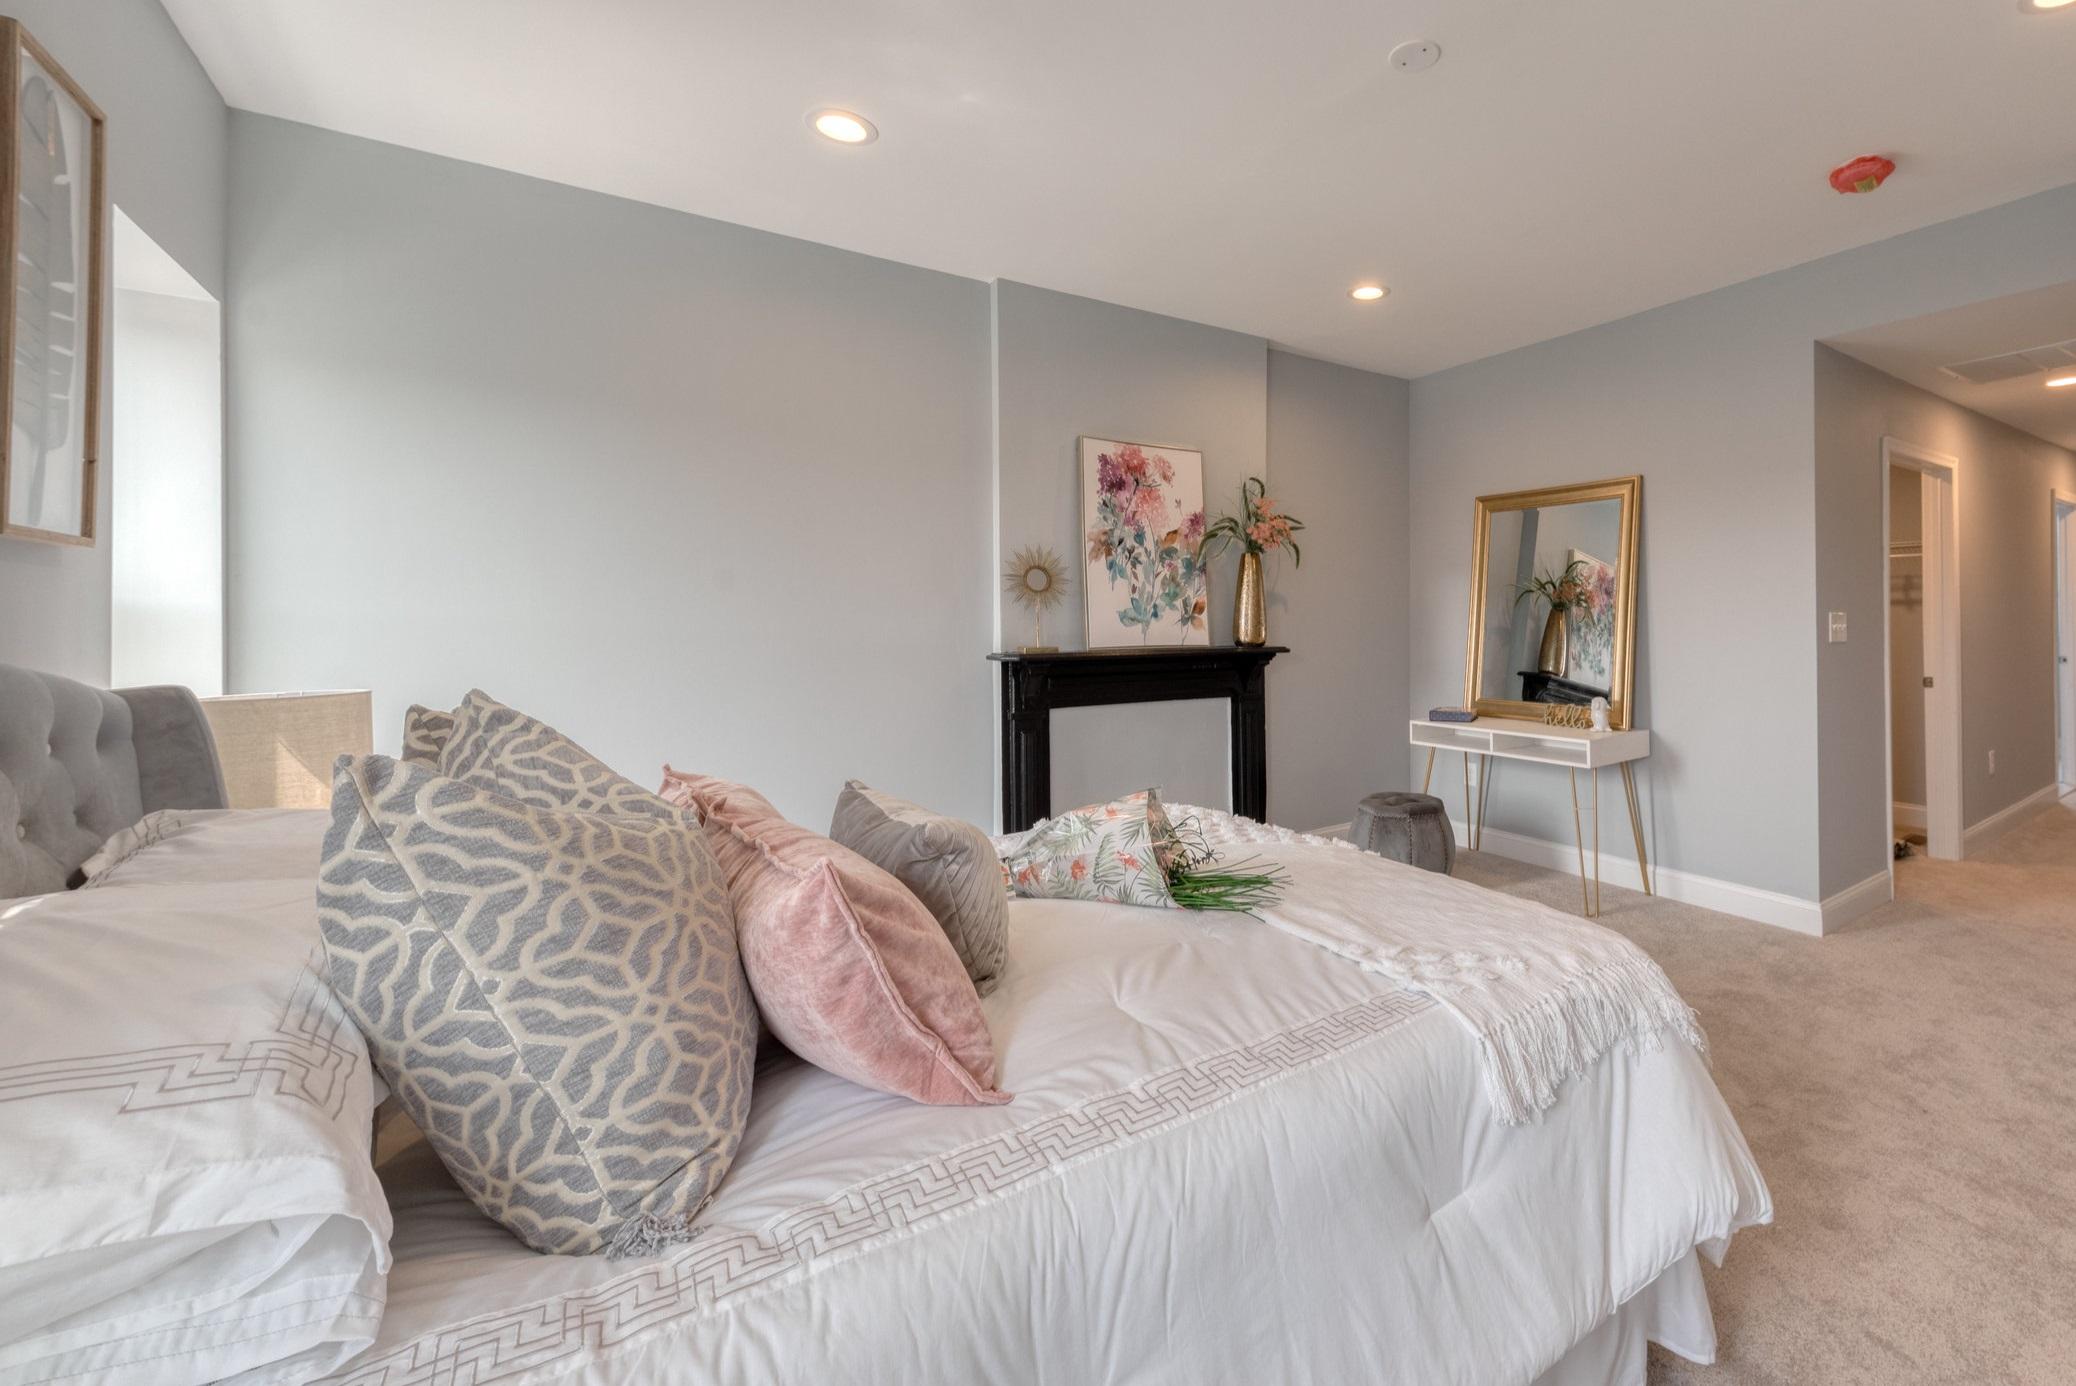 1534 N Broadway-Bedroom 5.JPG